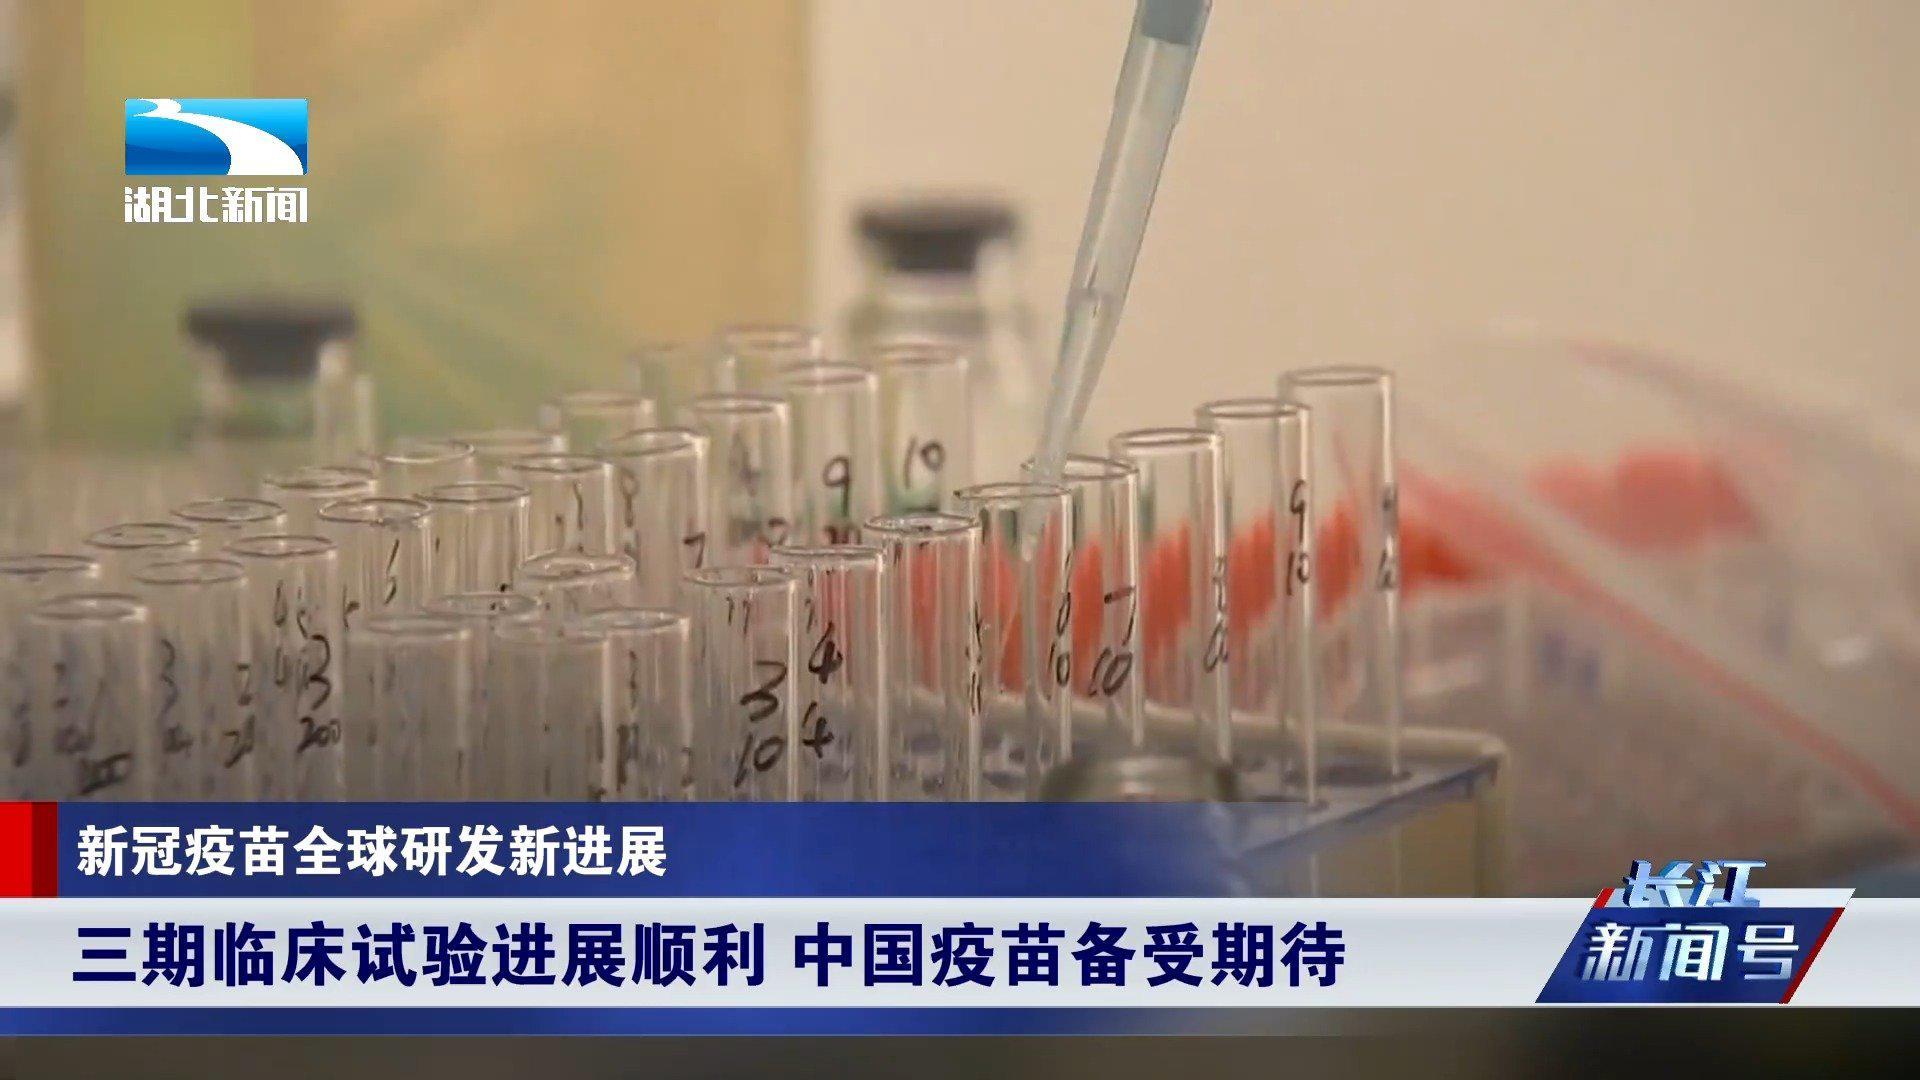 中国疫苗不仅有效,而且安全!世界这样看我们的疫苗三期试验